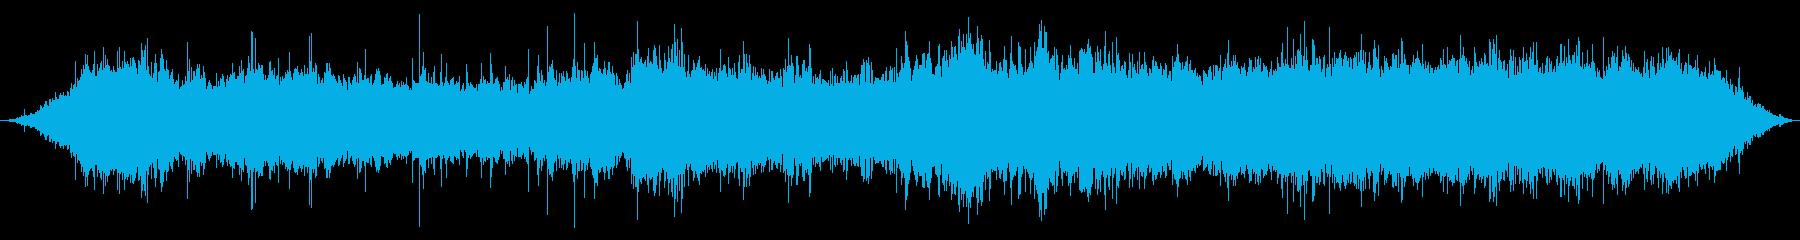 氷の洞窟:波と氷山の洞窟内部の再生済みの波形